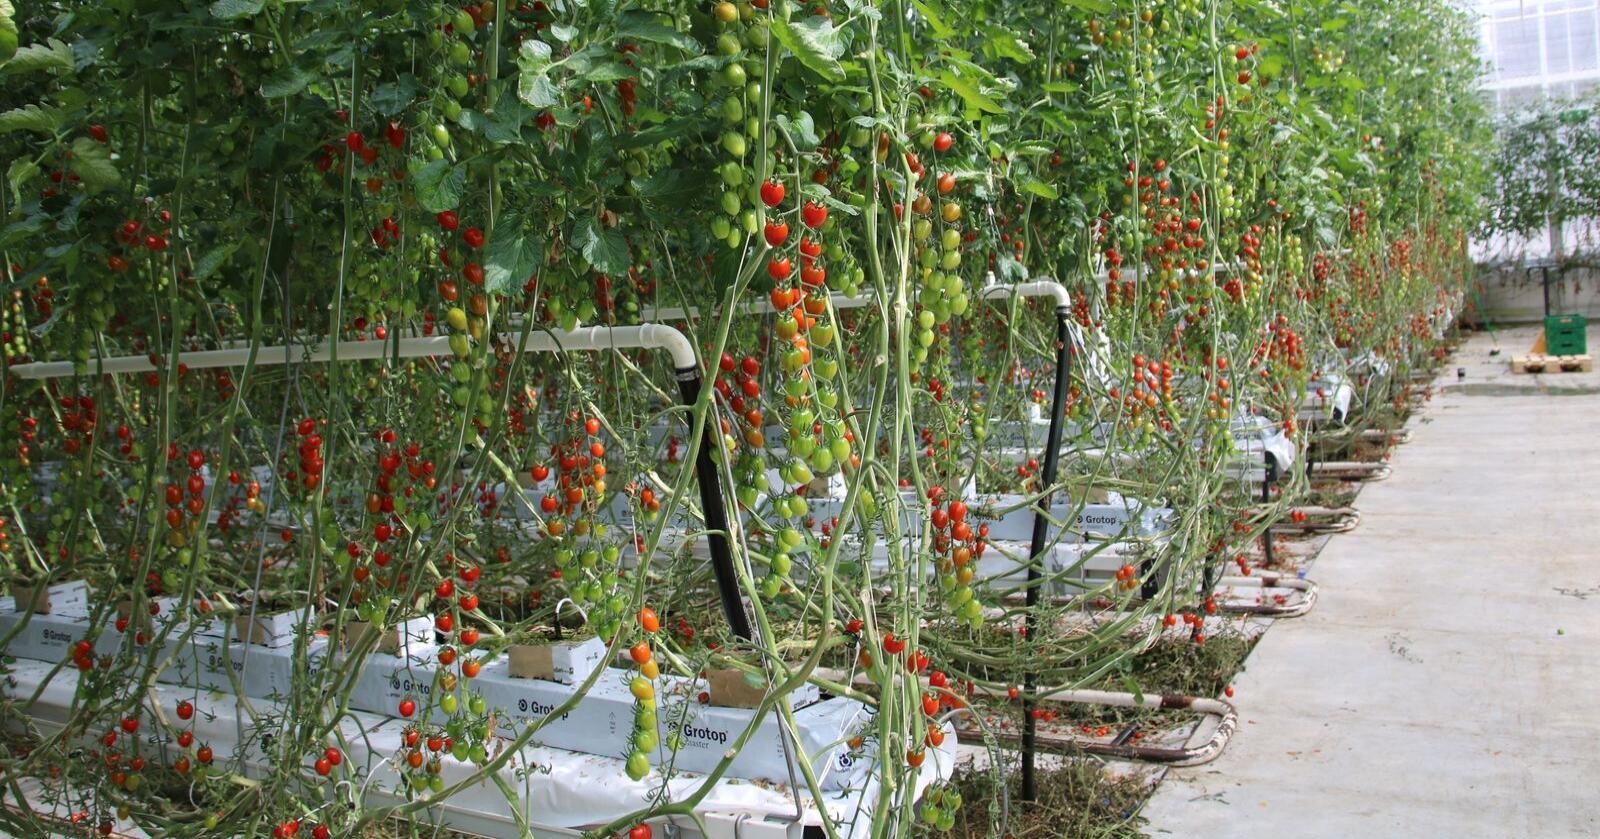 Kombinasjonen UV-ys og nyttedyr ga gode resultater. Metoden ble testet i jordbærproduksjon i tunnel, samt agurk-, tomat- og urteproduksjon i veksthus. Her sees småtomater i veksthus i Skavland Gartneri, Finnøy. Foto: Lars Olav Haug